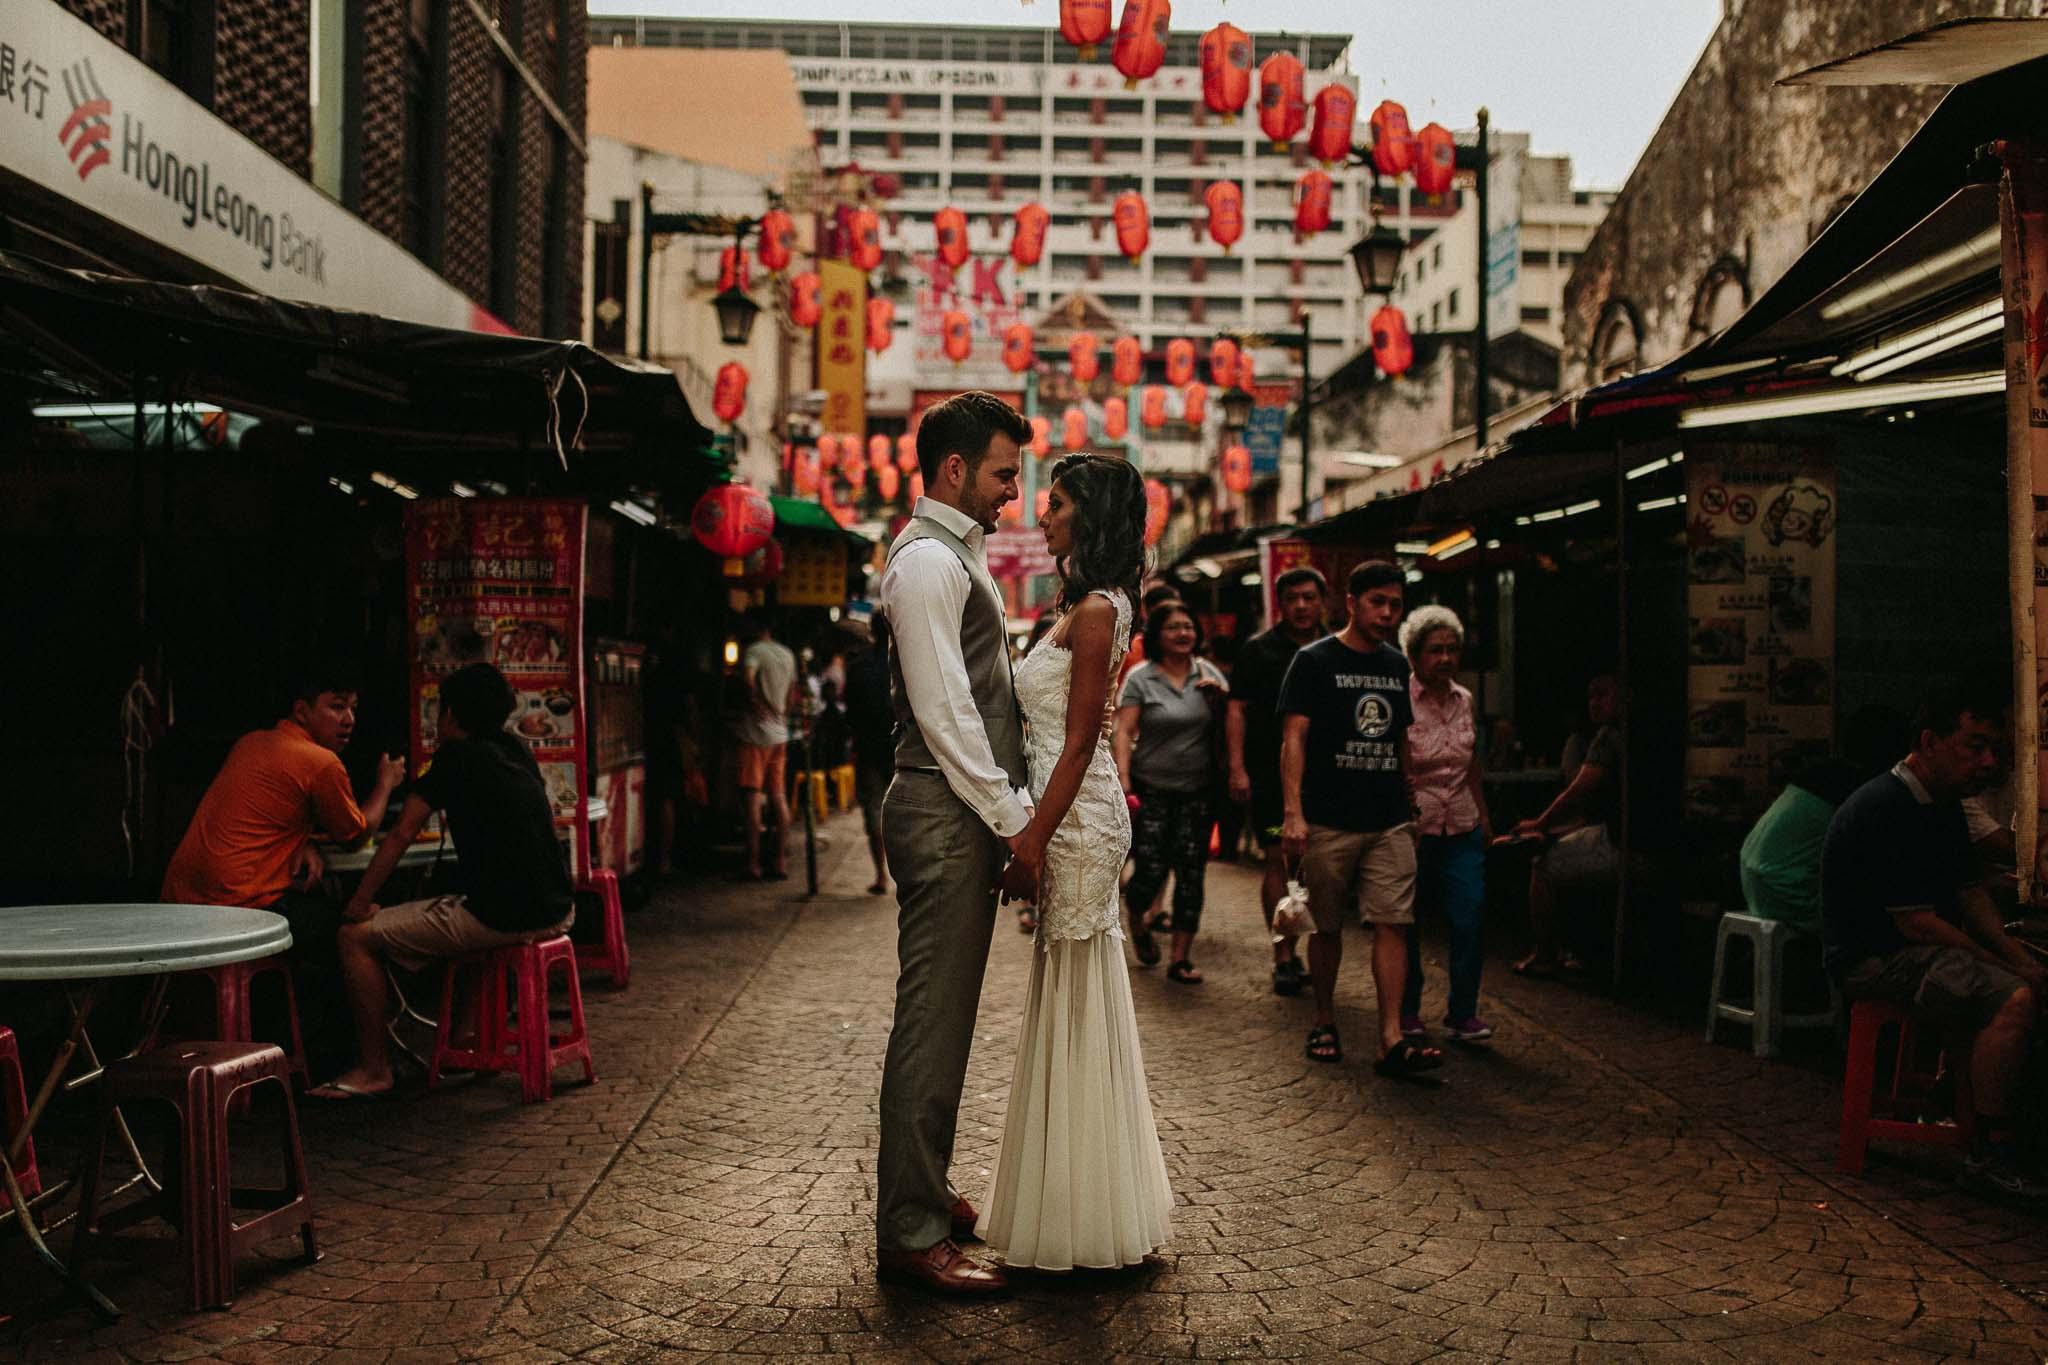 u&m-weddingsbyqay-lovesession-destinationweddingphotographer (38 of 160).jpg